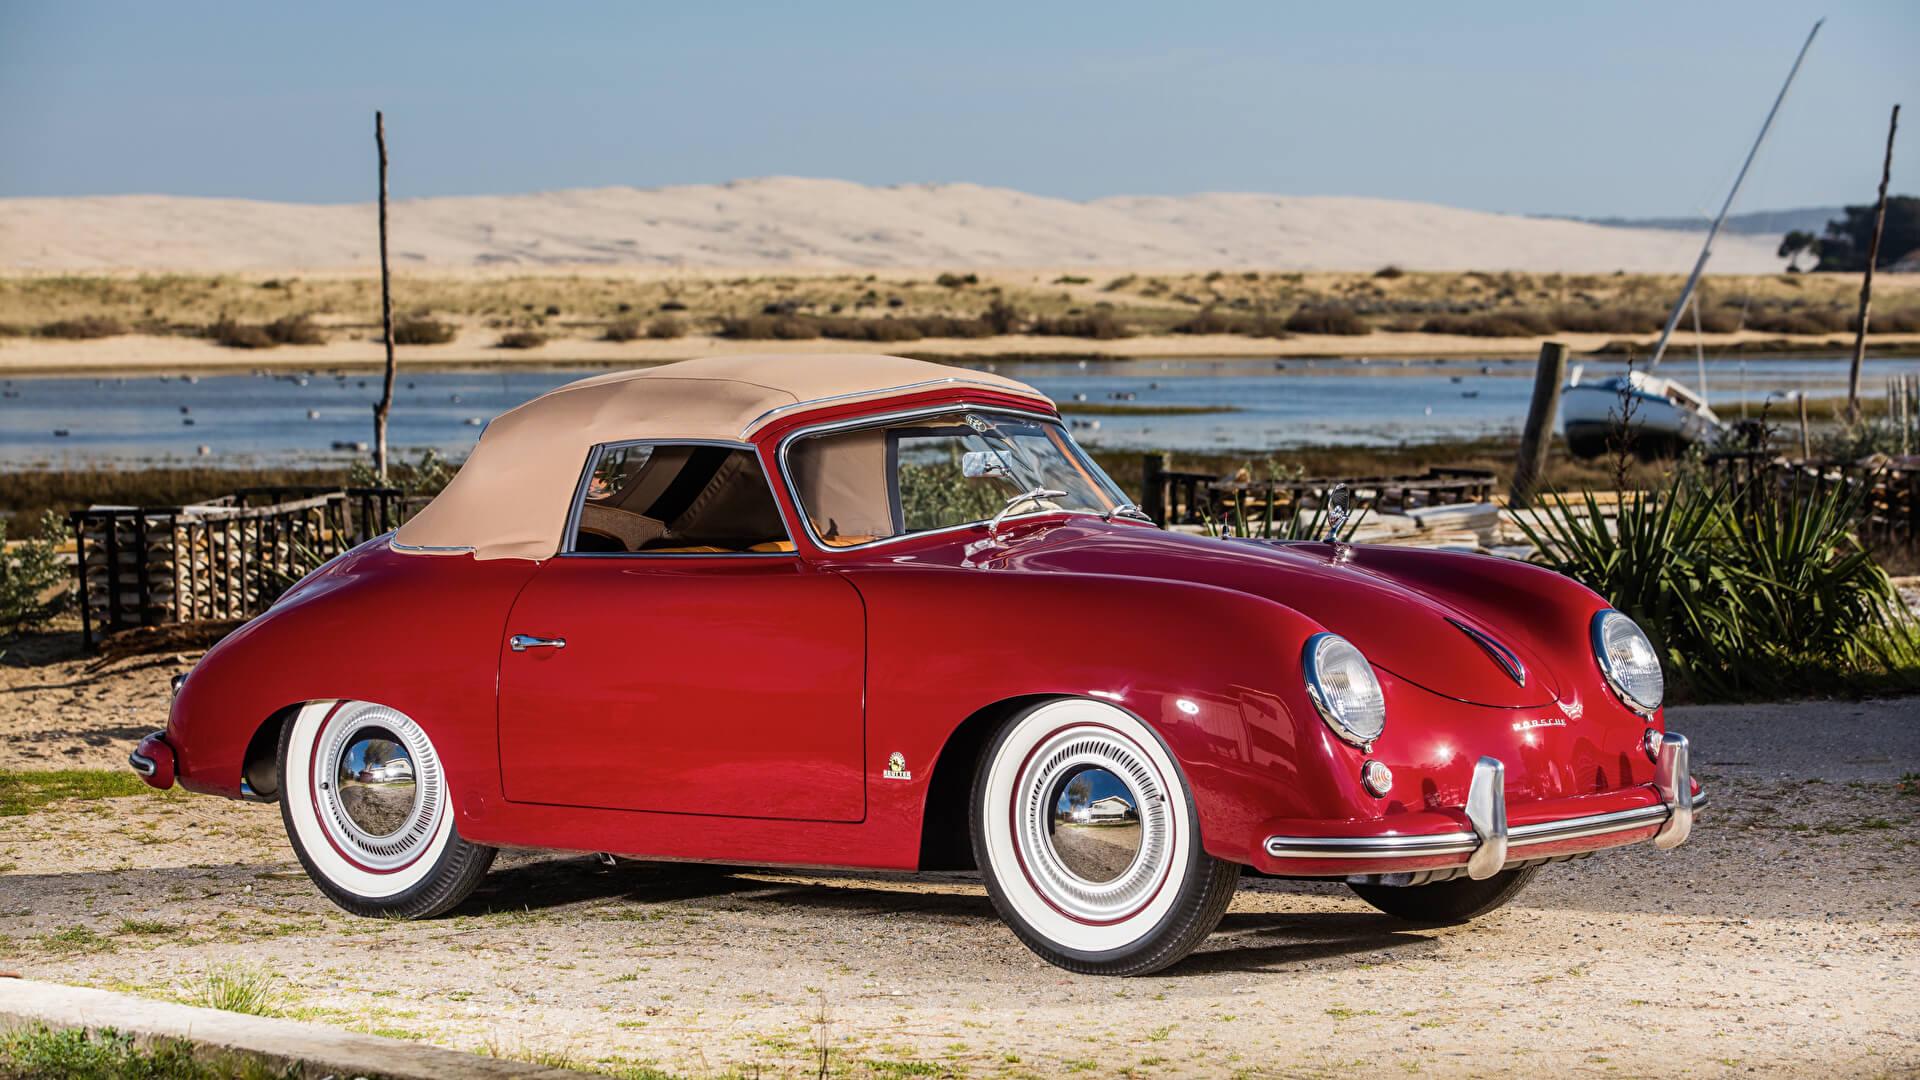 1952 Porsche 356 - Porsche 356